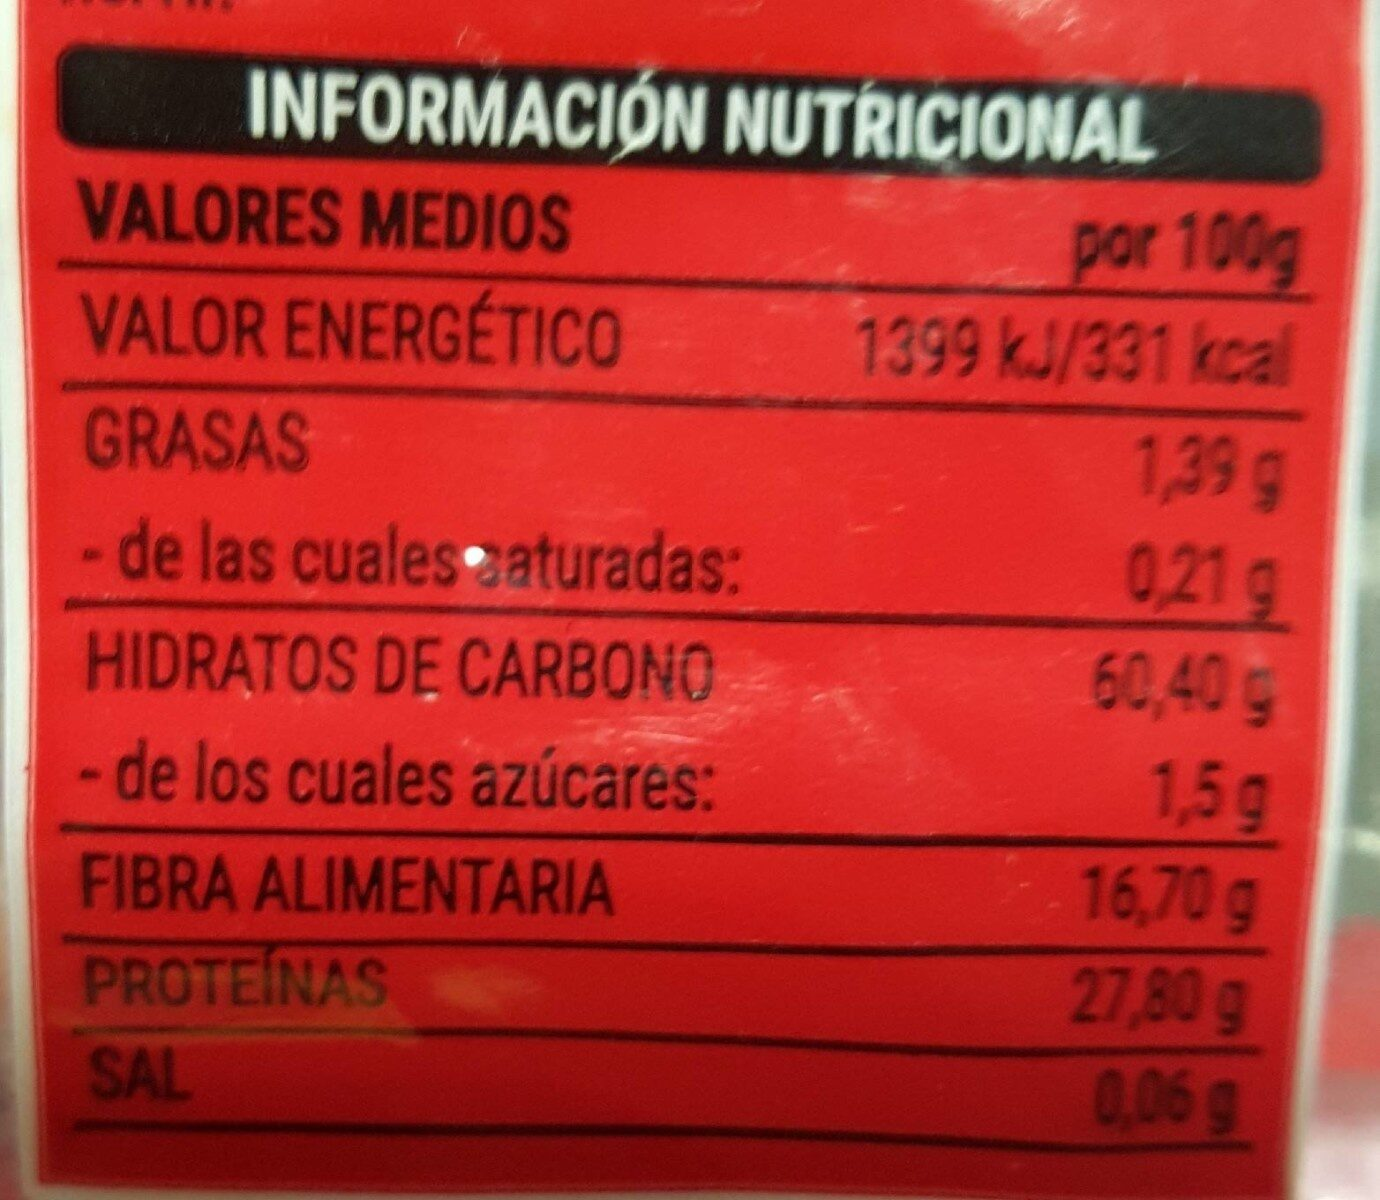 Lenteja pelada - Información nutricional - es